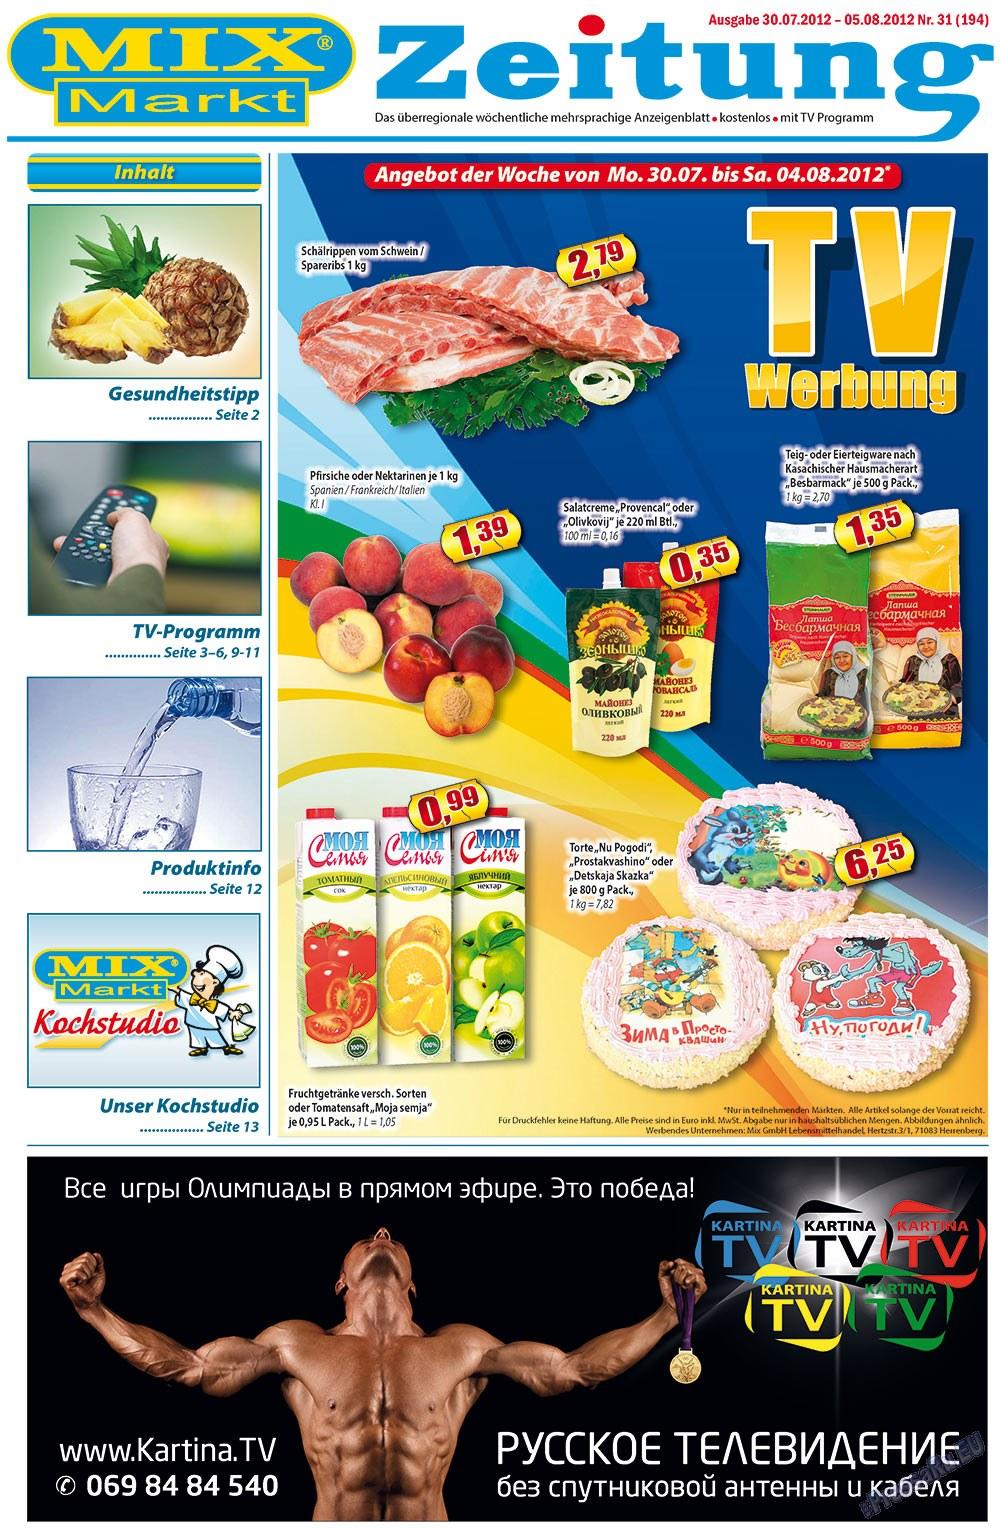 MIX-Markt Zeitung (газета). 2012 год, номер 31, стр. 1